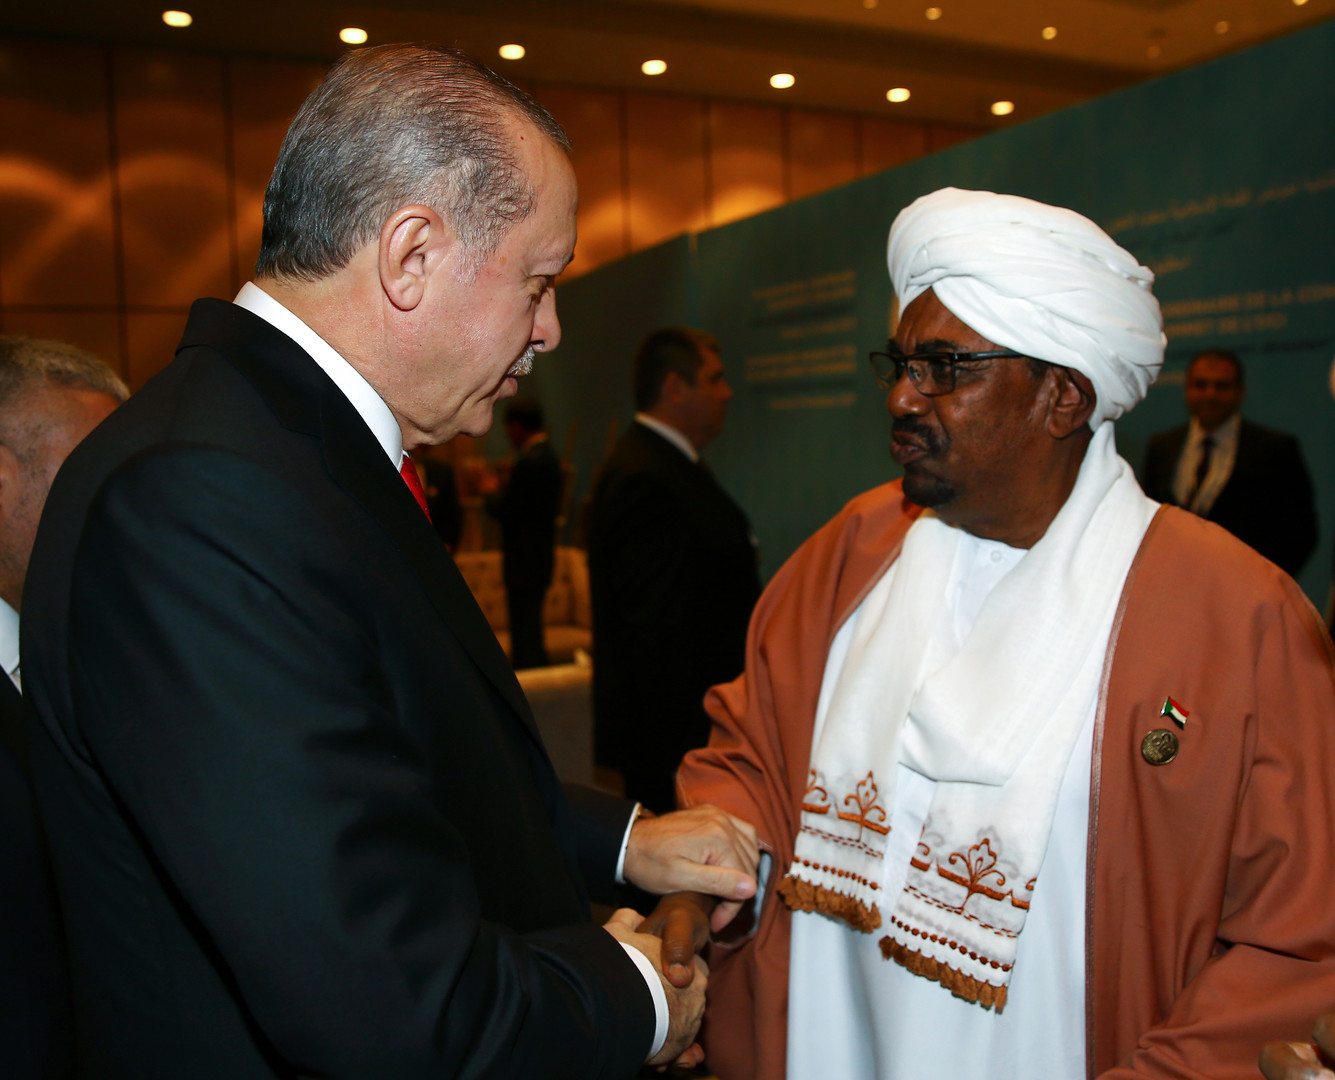 موقع إخباري تركي: كيف تفوقت السعودية على تركيا في السودان؟